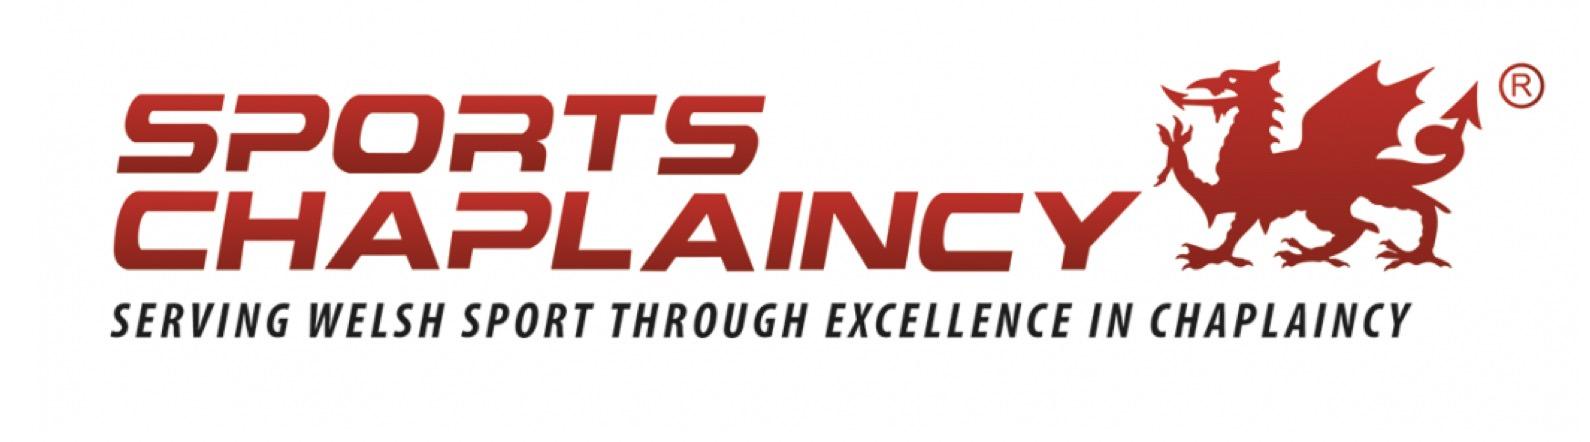 SC Wales logo